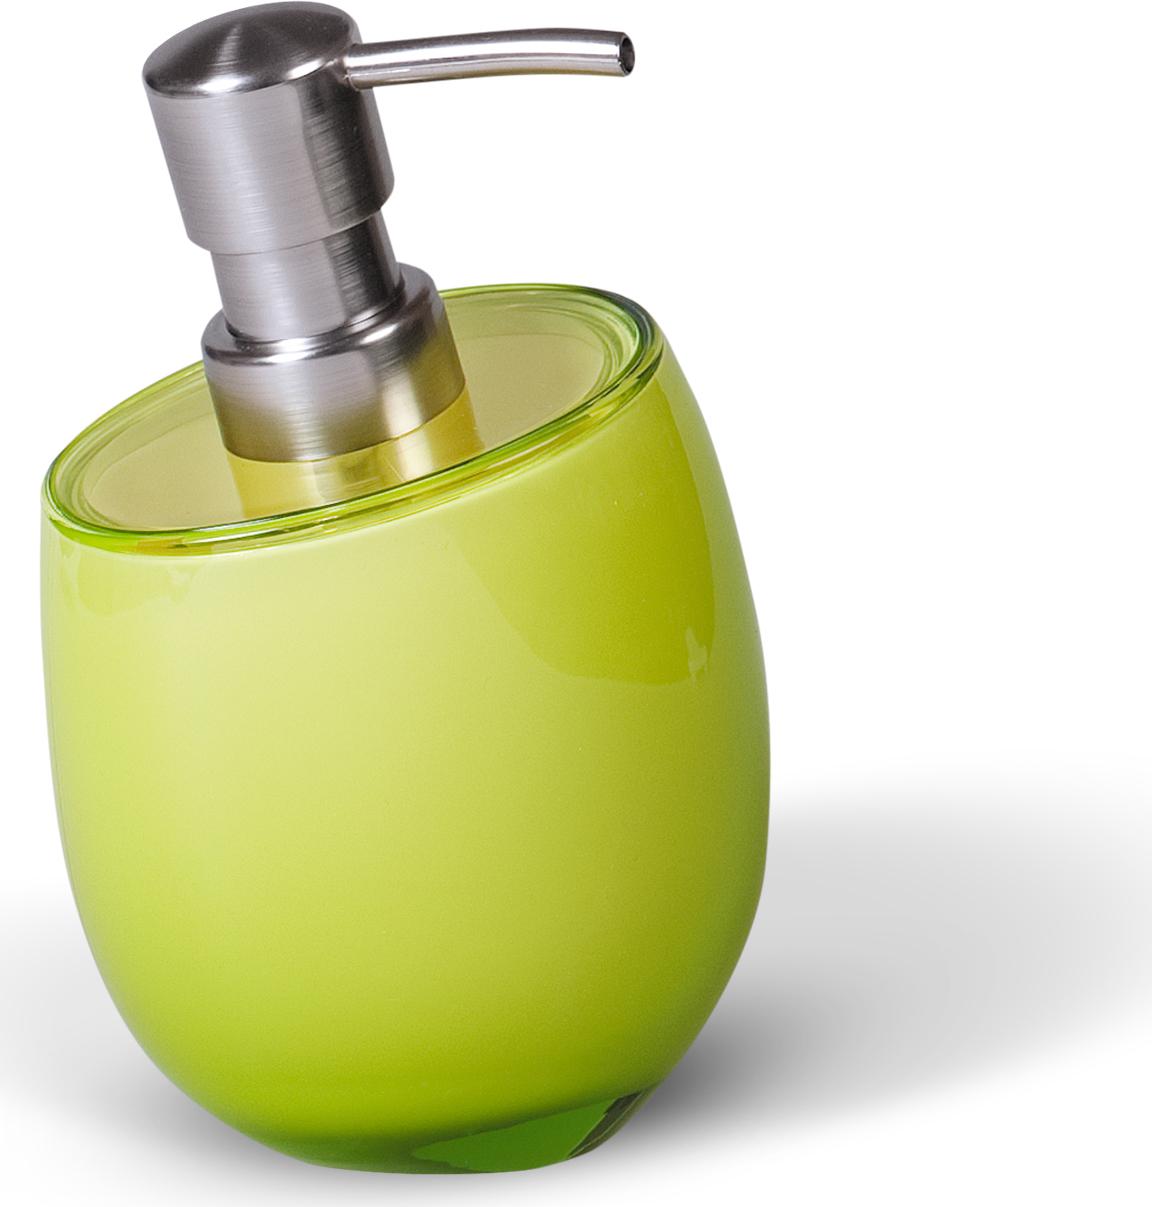 Дозатор для жидкого мыла Immanuel Repose Green, цвет: салатовый. 1232512325Дозатор для жидкого мыла Immanuel Repose Green изготовлен из акрила салатового цвета. Такой аксессуар очень удобен в использовании: достаточно лишь перелить жидкое мыло в дозатор, а когда необходимо использование мыла, легким нажатием выдавить нужное количество.Дозатор Immanuel Repose Green станет стильным аксессуаром, который украсит интерьер ванной комнаты. Характеристики: Материал: акрил, пластик. Цвет: салатовый. Размер дозатора по верхнему краю: 9 см х 7,5 см. Высота дозатора: 15 см. Артикул: 12325.